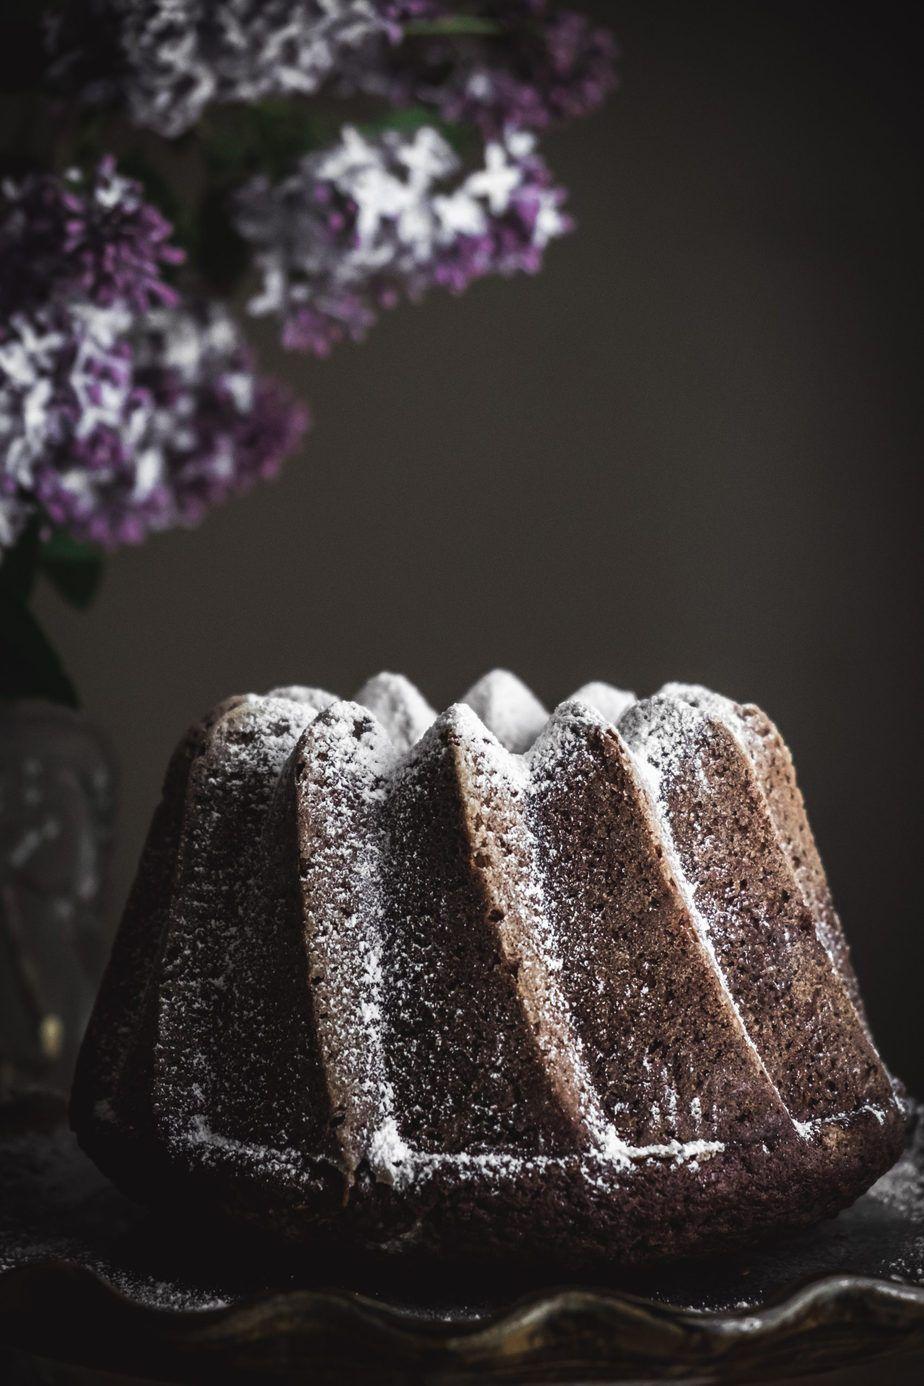 Chocolate Zucchini Cake The Edgewood Baker Recipe In 2020 Chocolate Zucchini Chocolate Zucchini Cake Chocolate